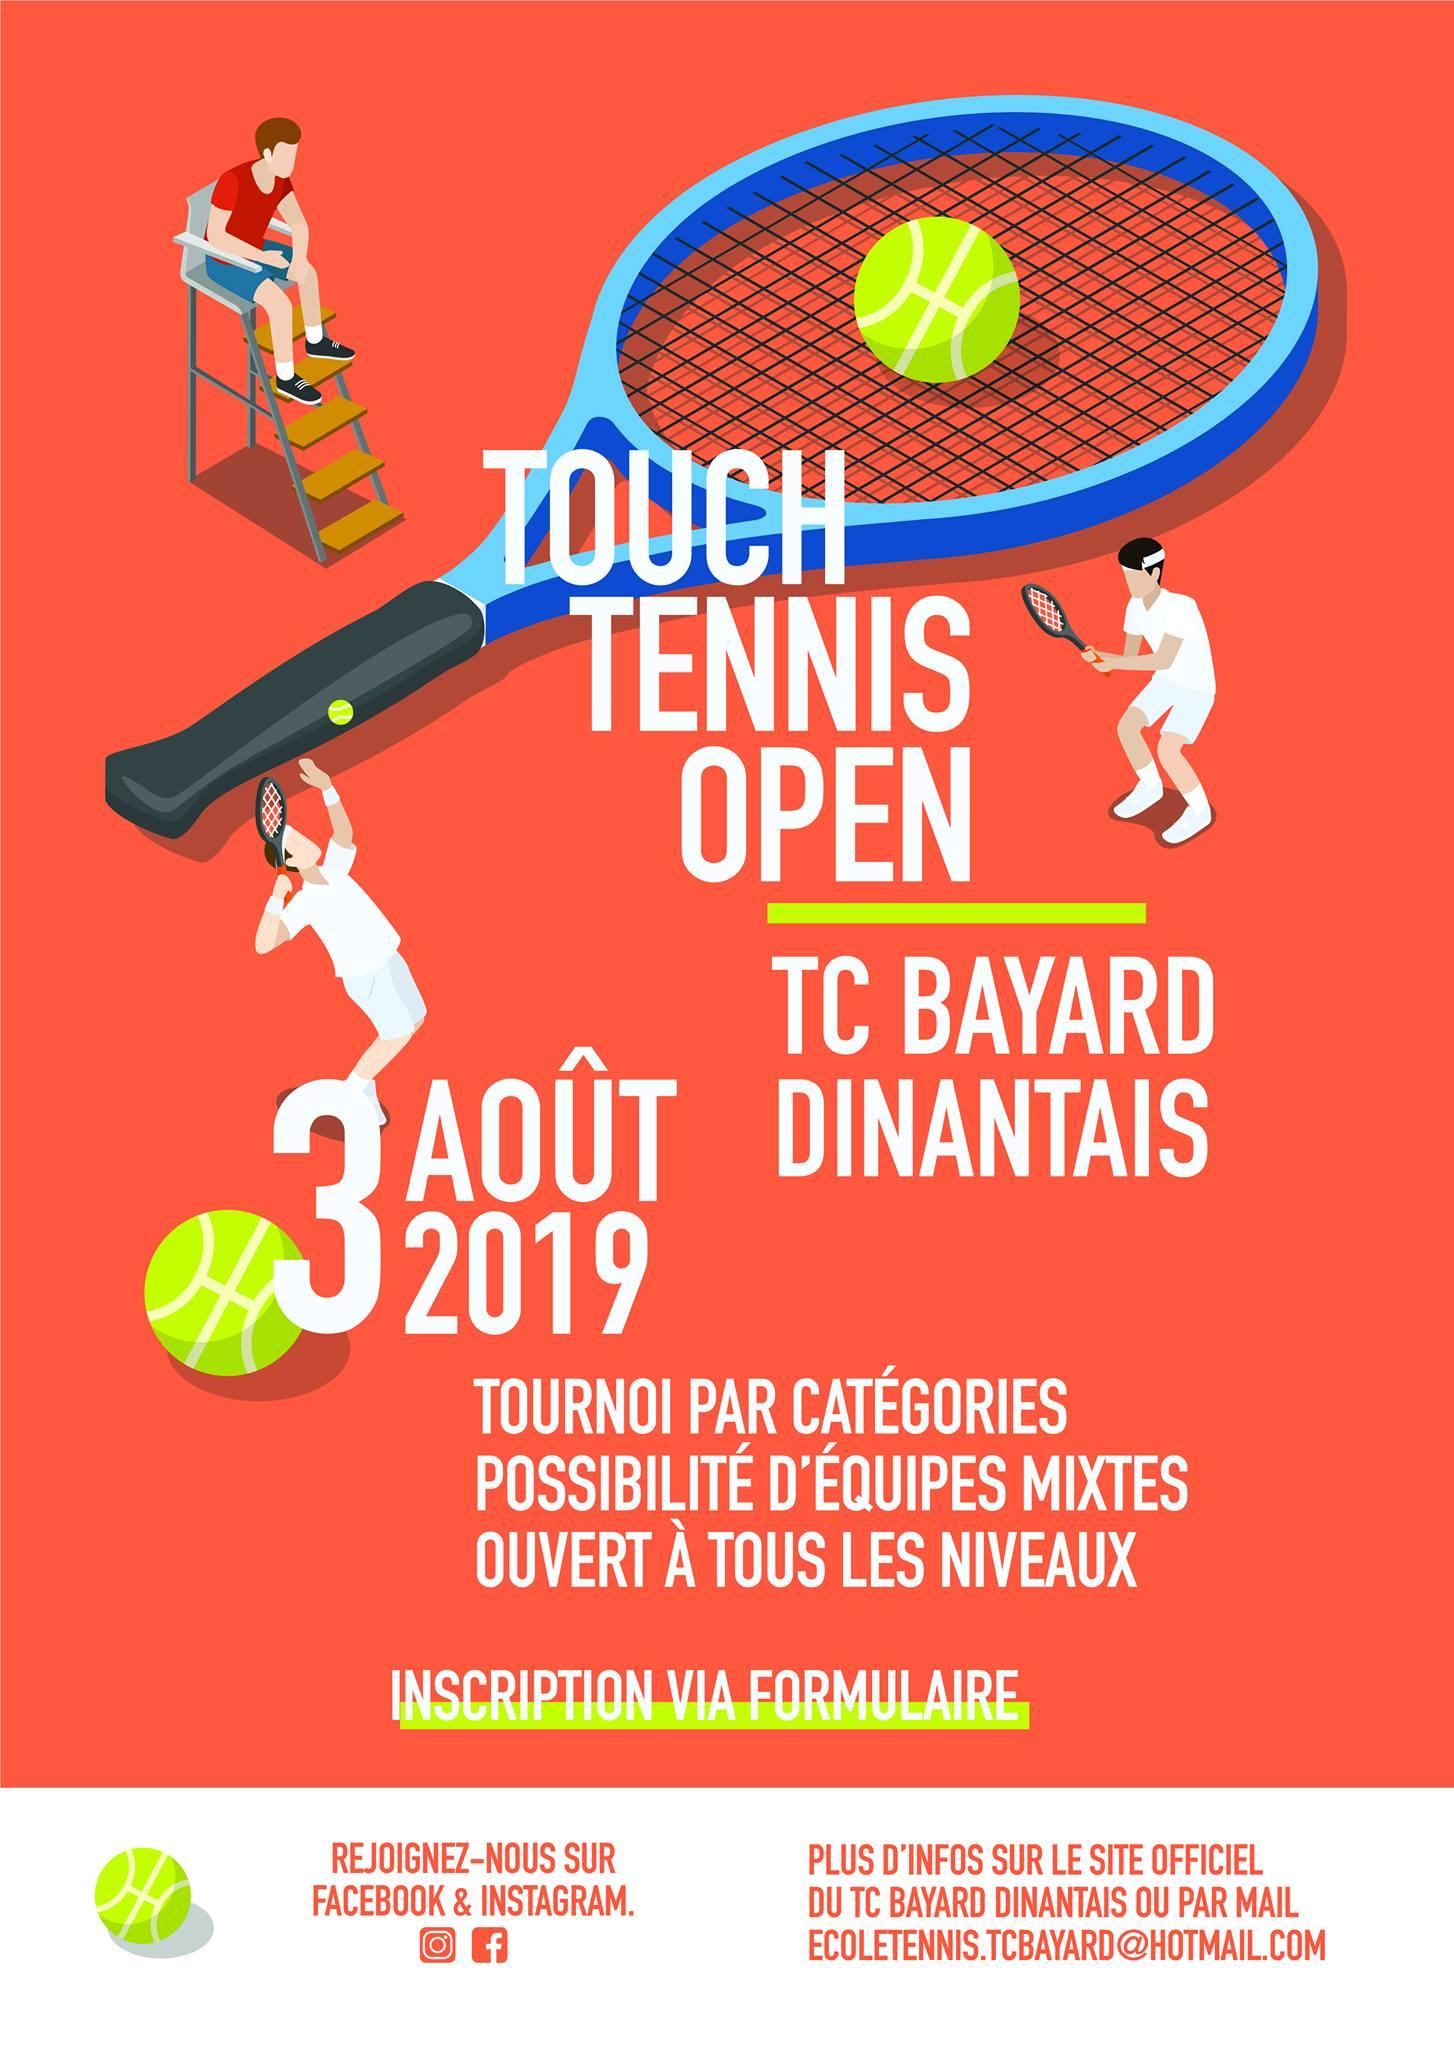 Touch tennis affiche